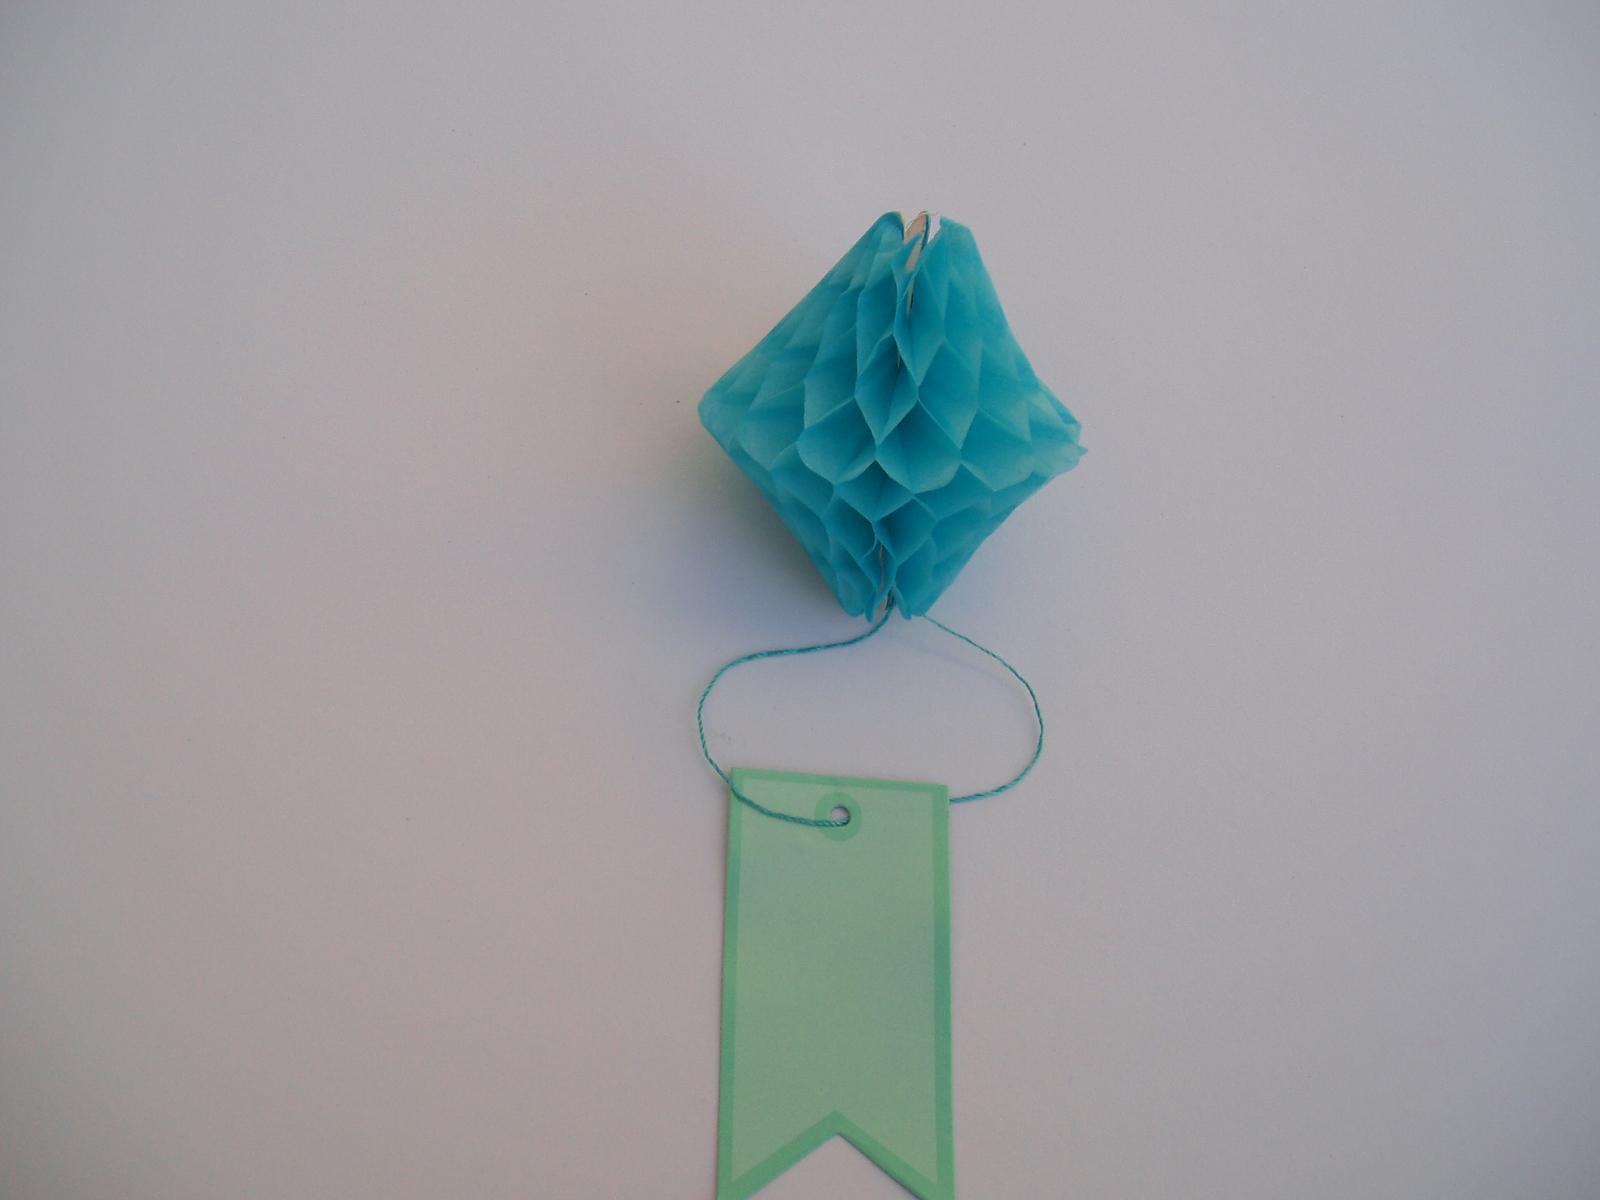 honeycomb se štítkem-tyrkysový - Obrázek č. 1